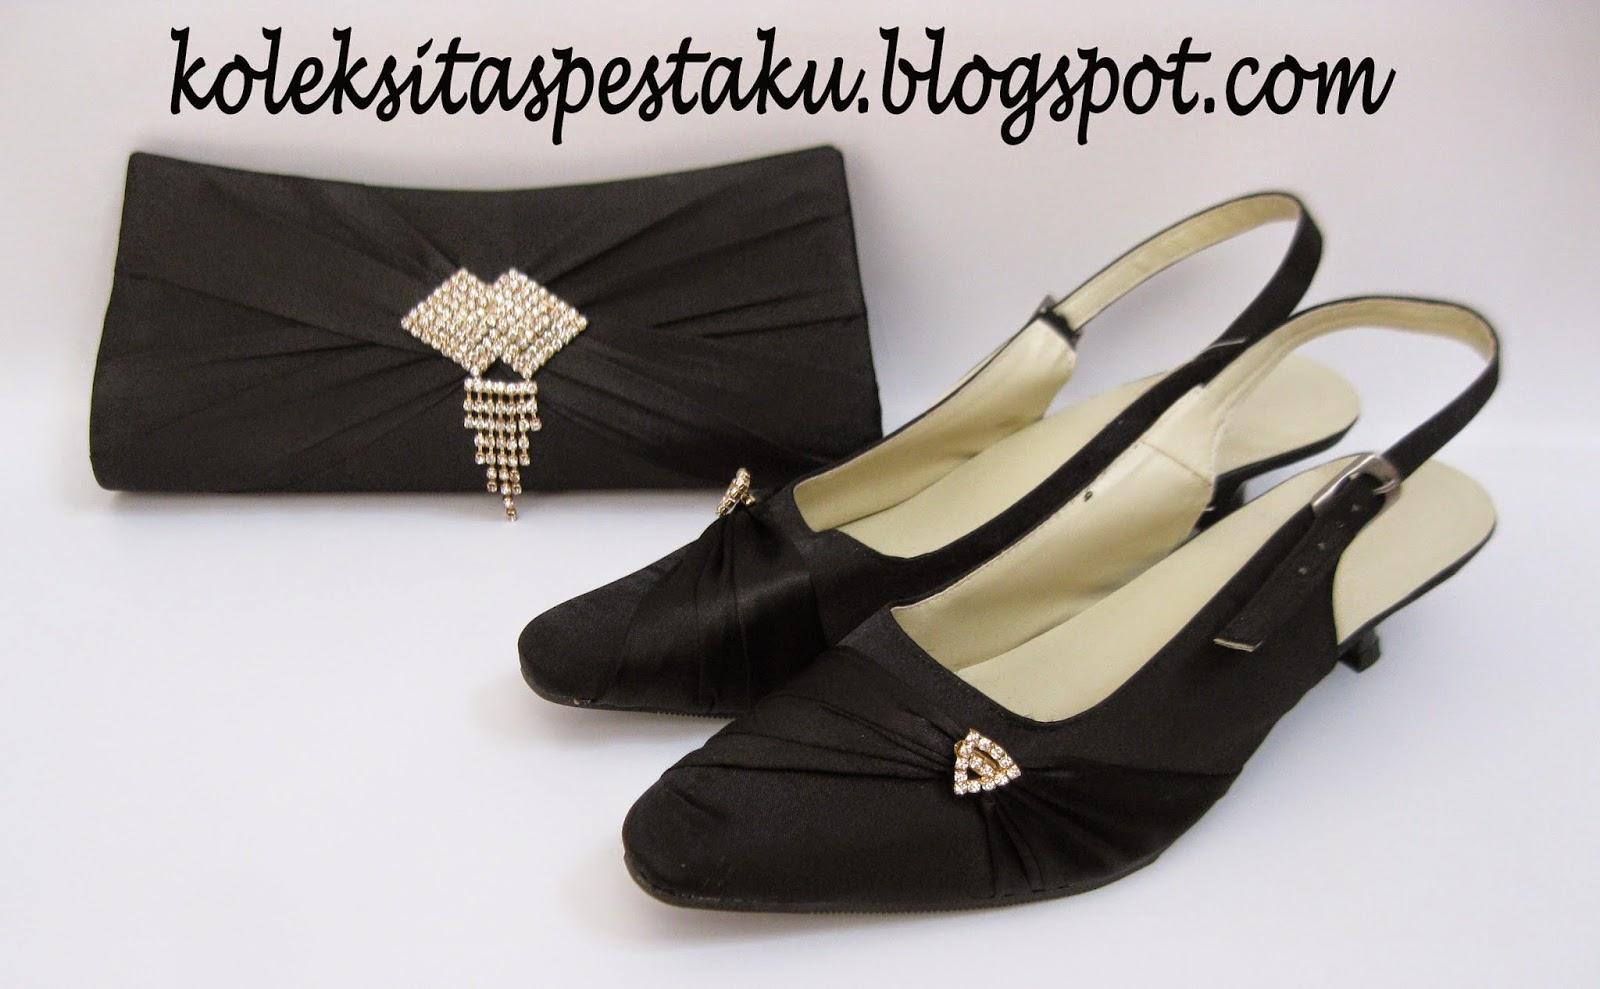 Sepatu Pesta Cantik dan Tas Pesta Clutch Bag Mewah Hitam Bross Silver